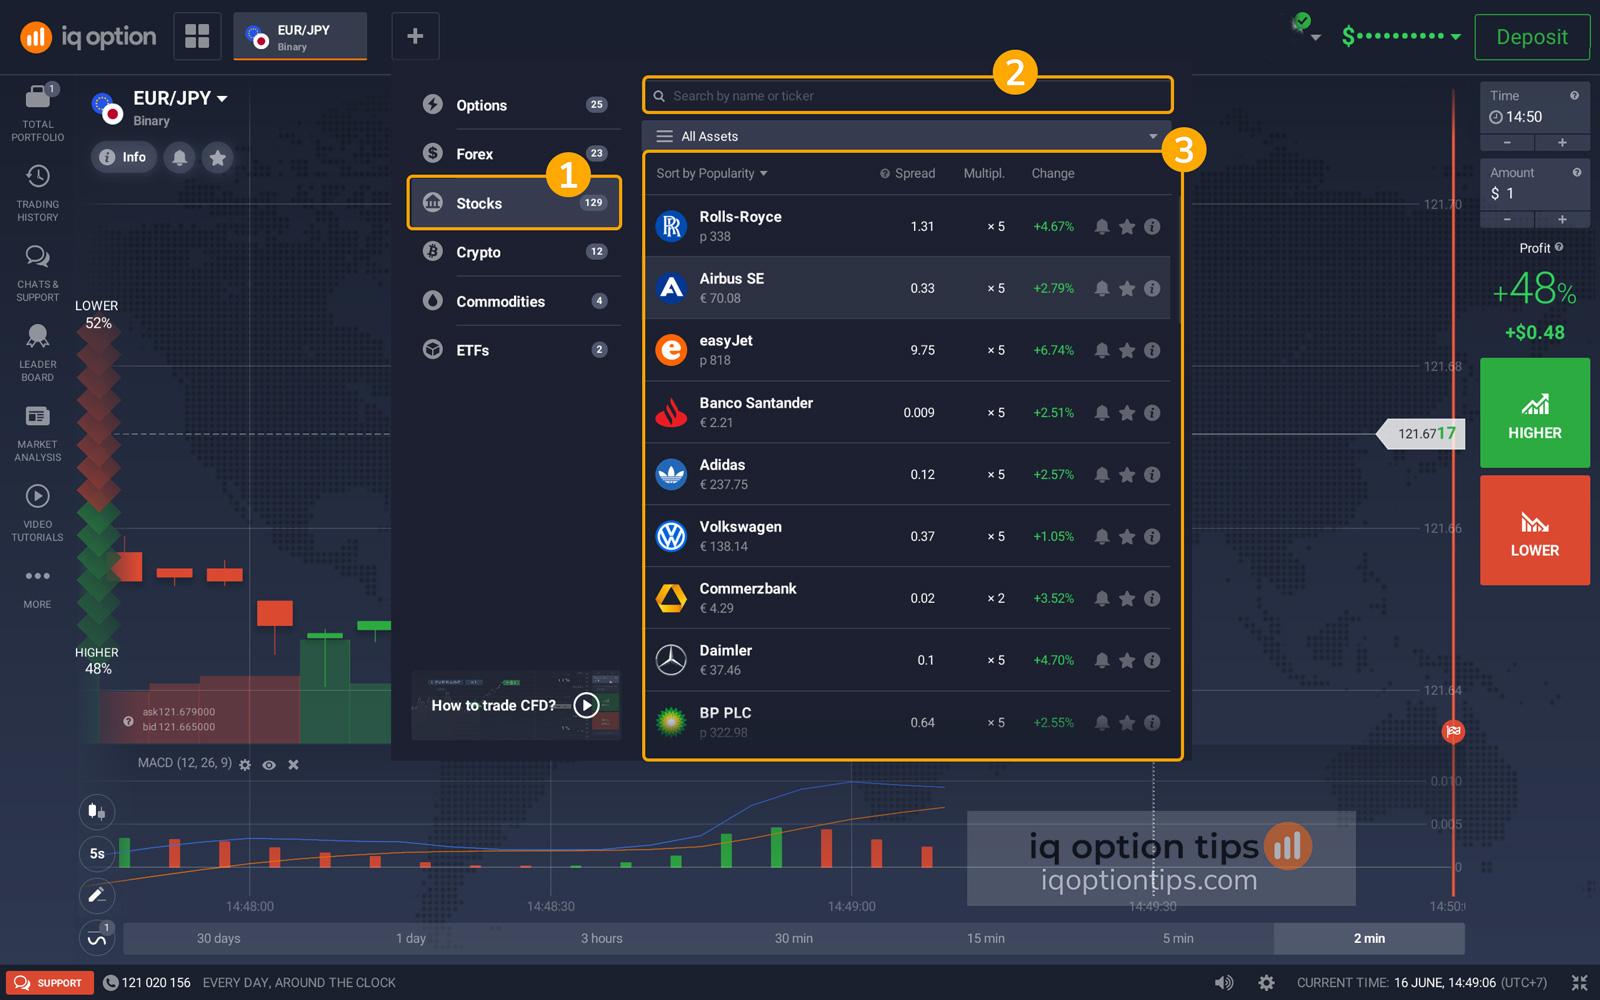 Hướng dẫn cách giao dịch cổ phiếu CFD trên IQ Option